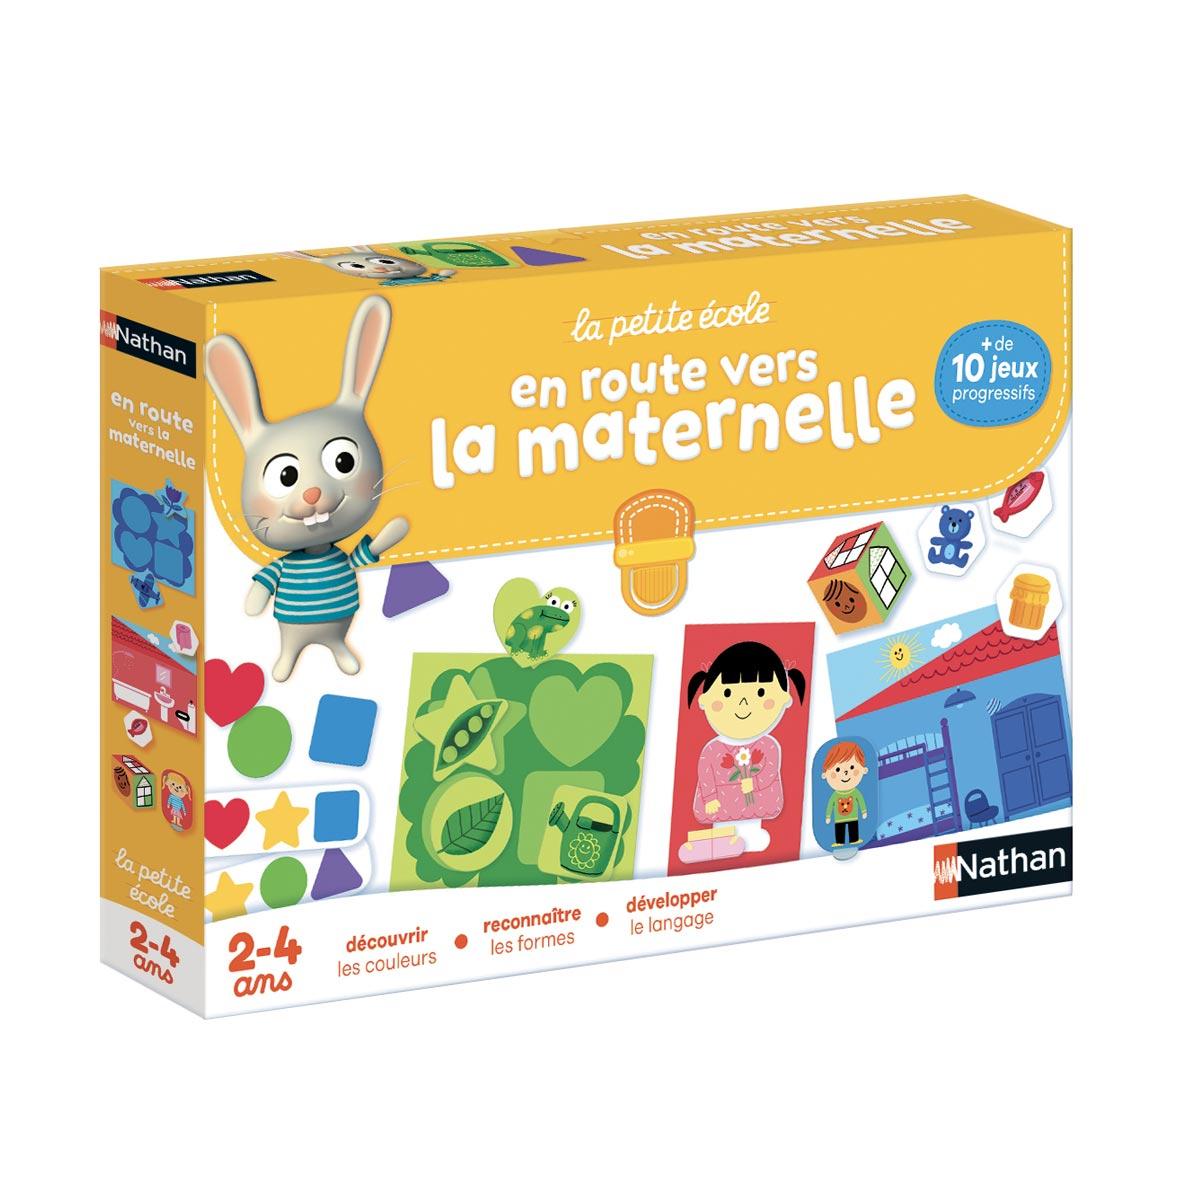 Coffret De Jeux En Route Vers La Maternelle avec Jeux Educatif 4 Ans